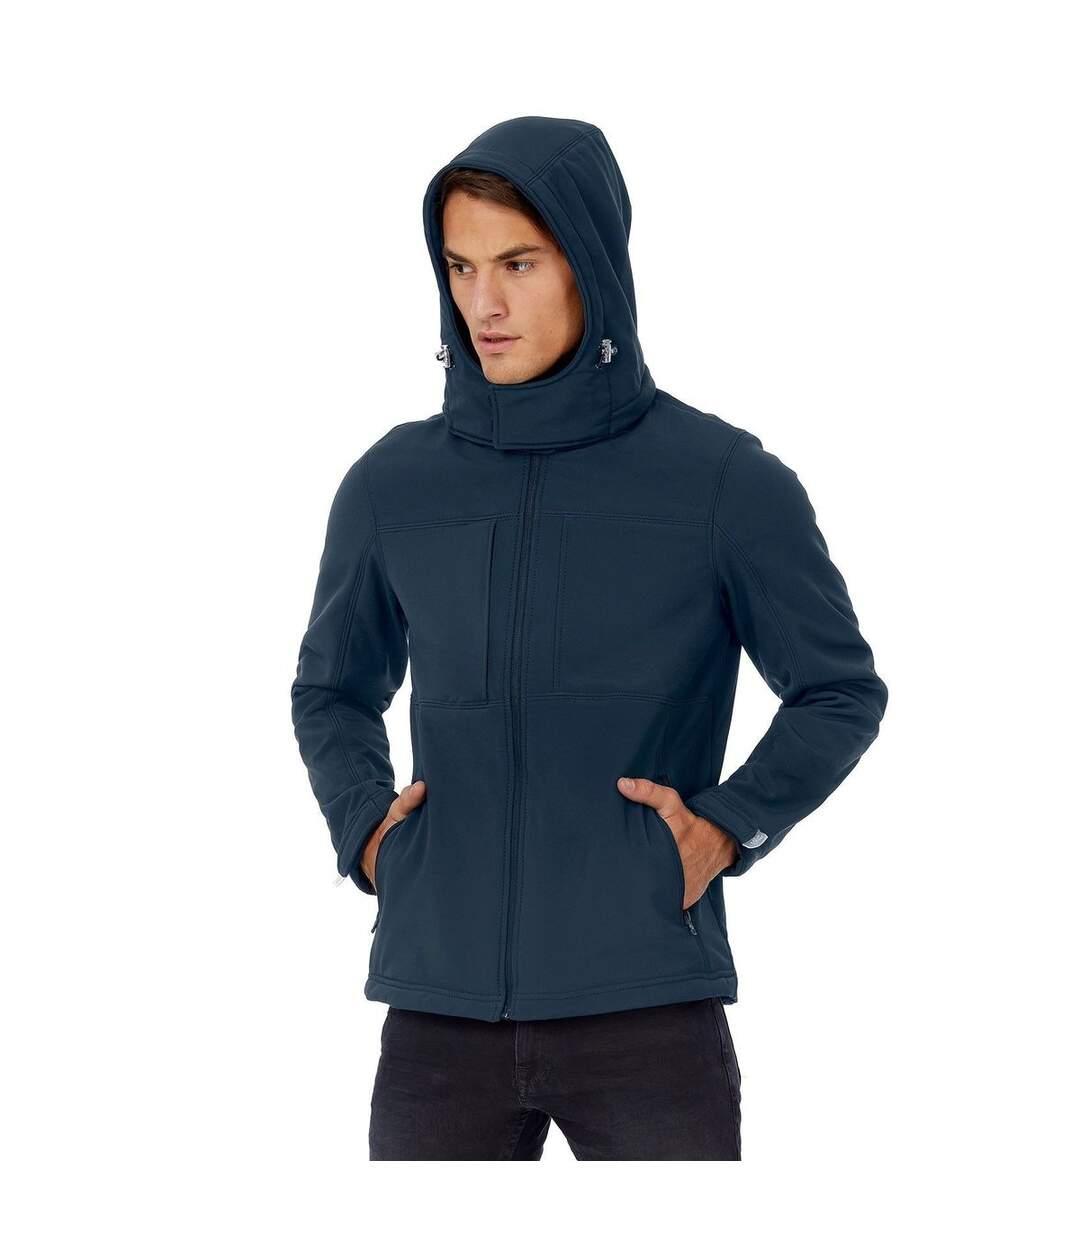 Veste softshell à capuche - hautes performances - JM950 - Bleu marine - Homme